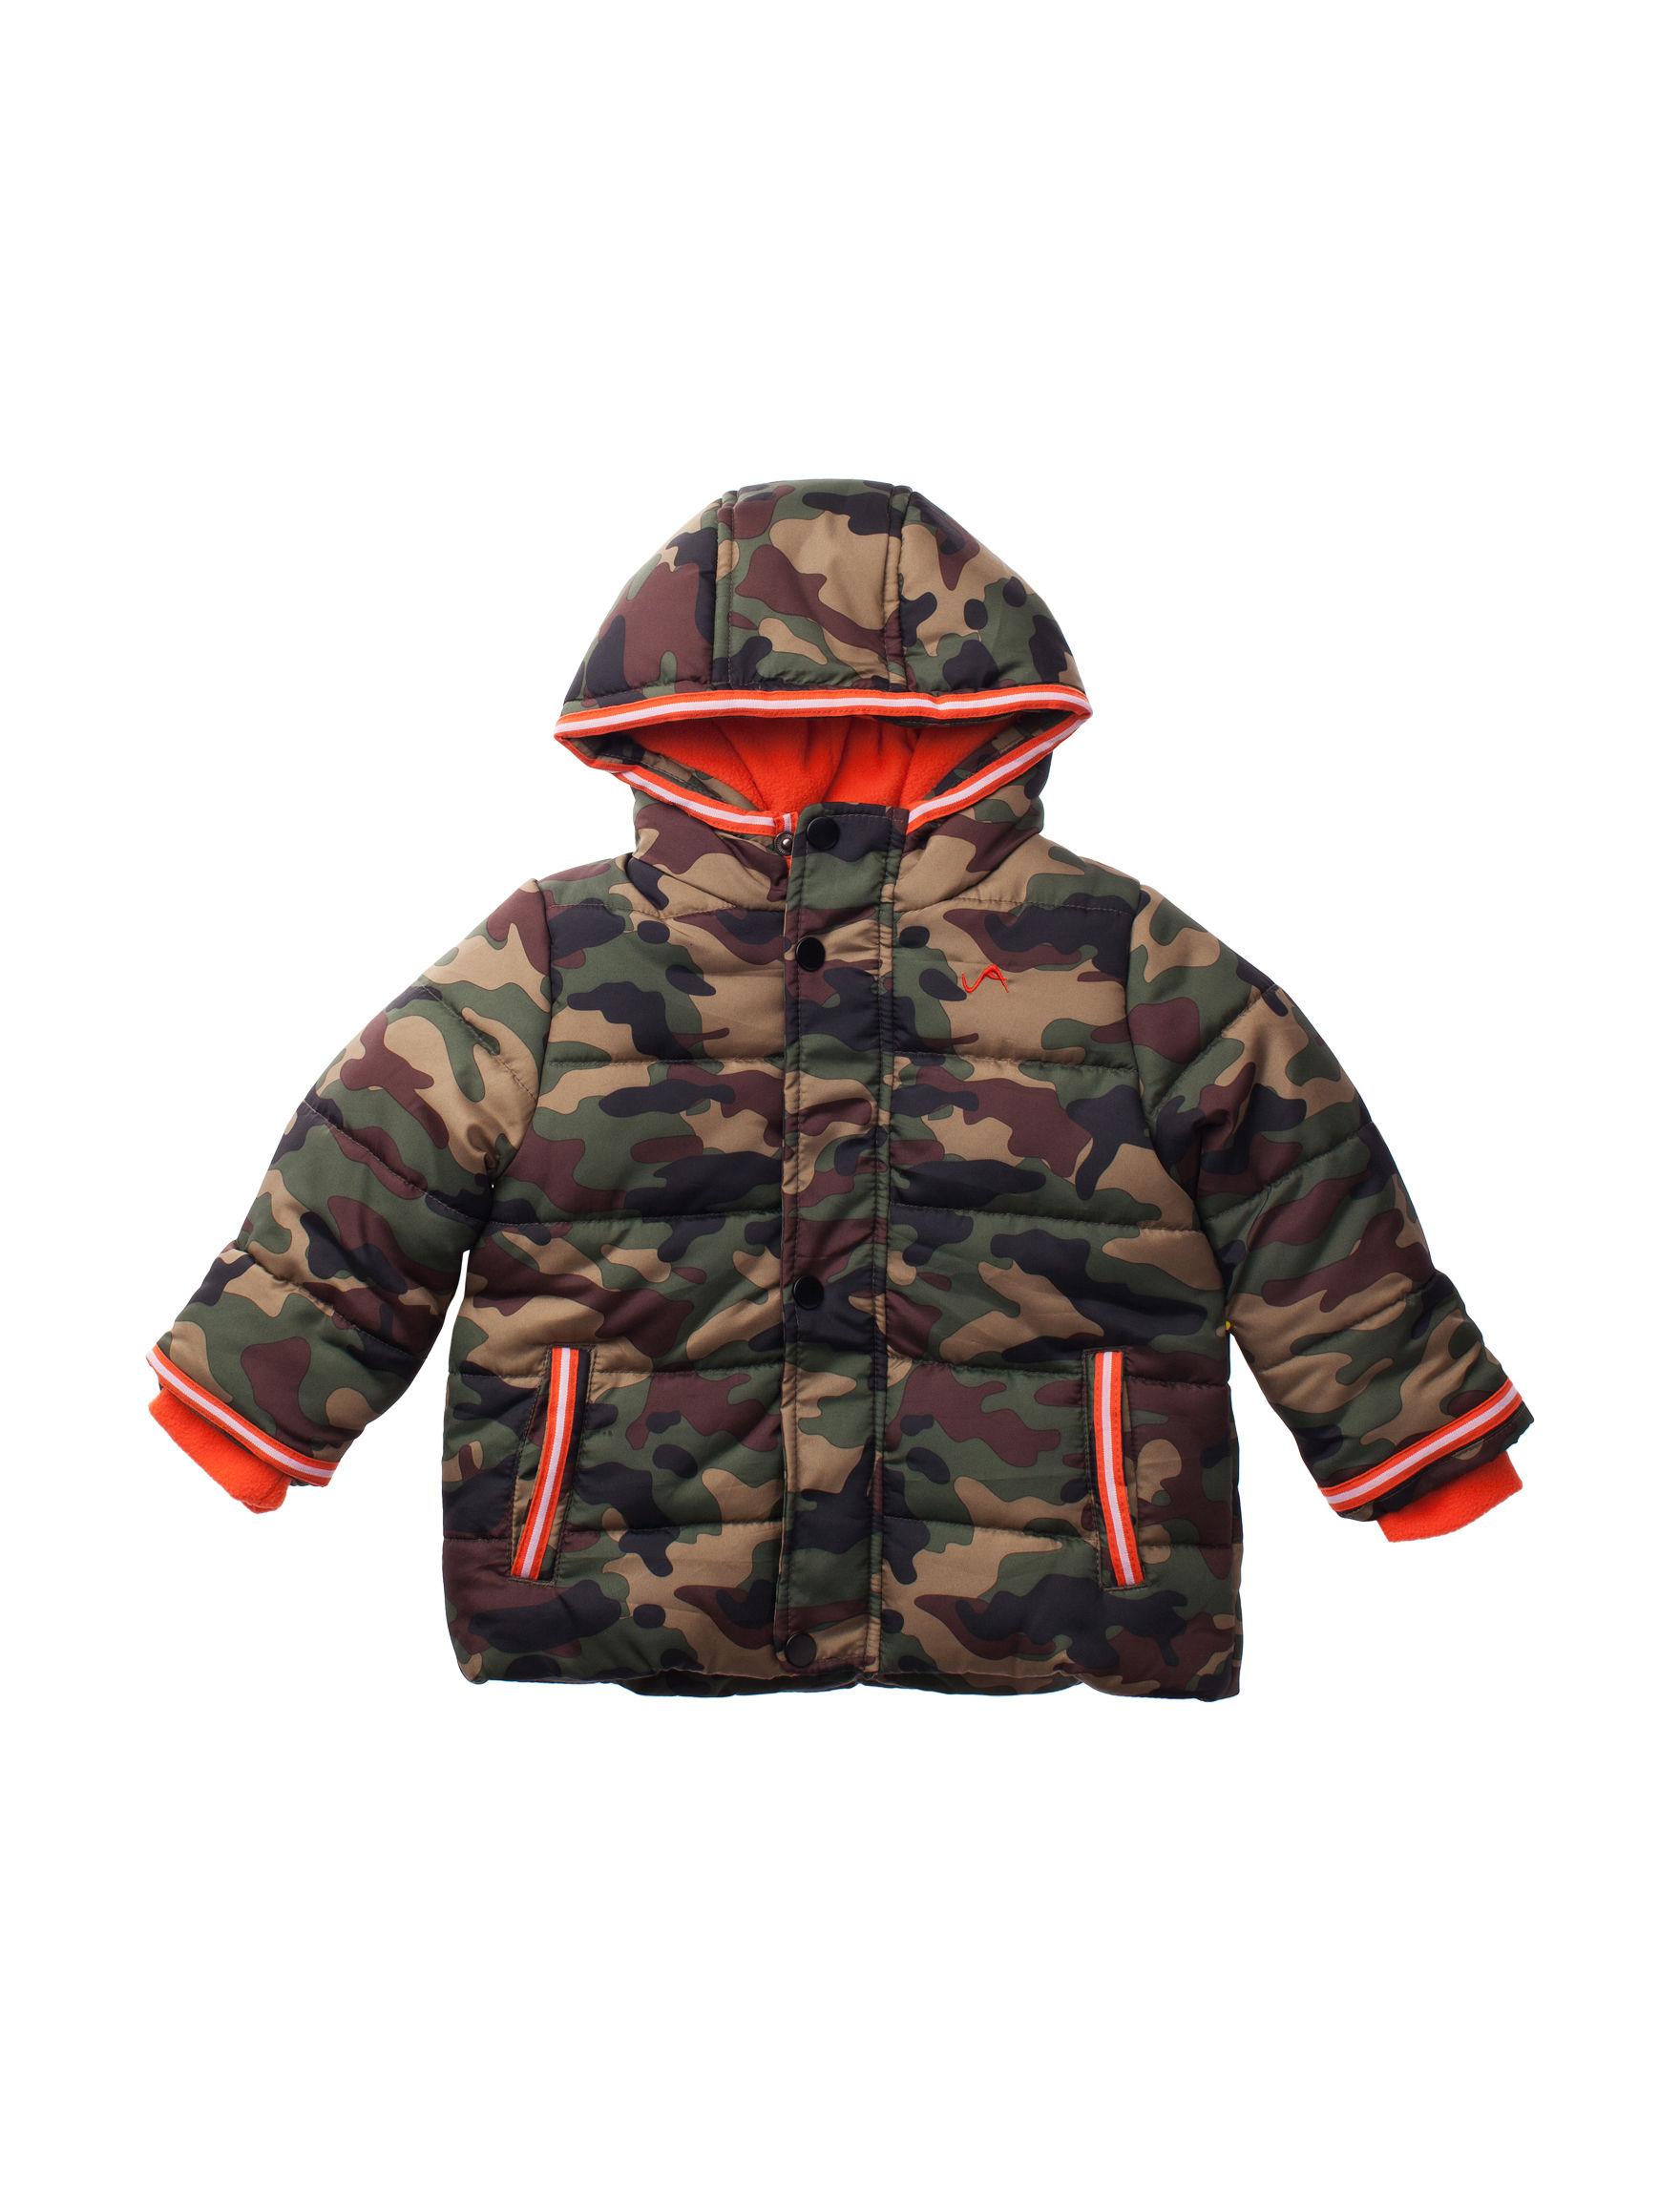 Vertical 9 Green Camo Fleece & Soft Shell Jackets